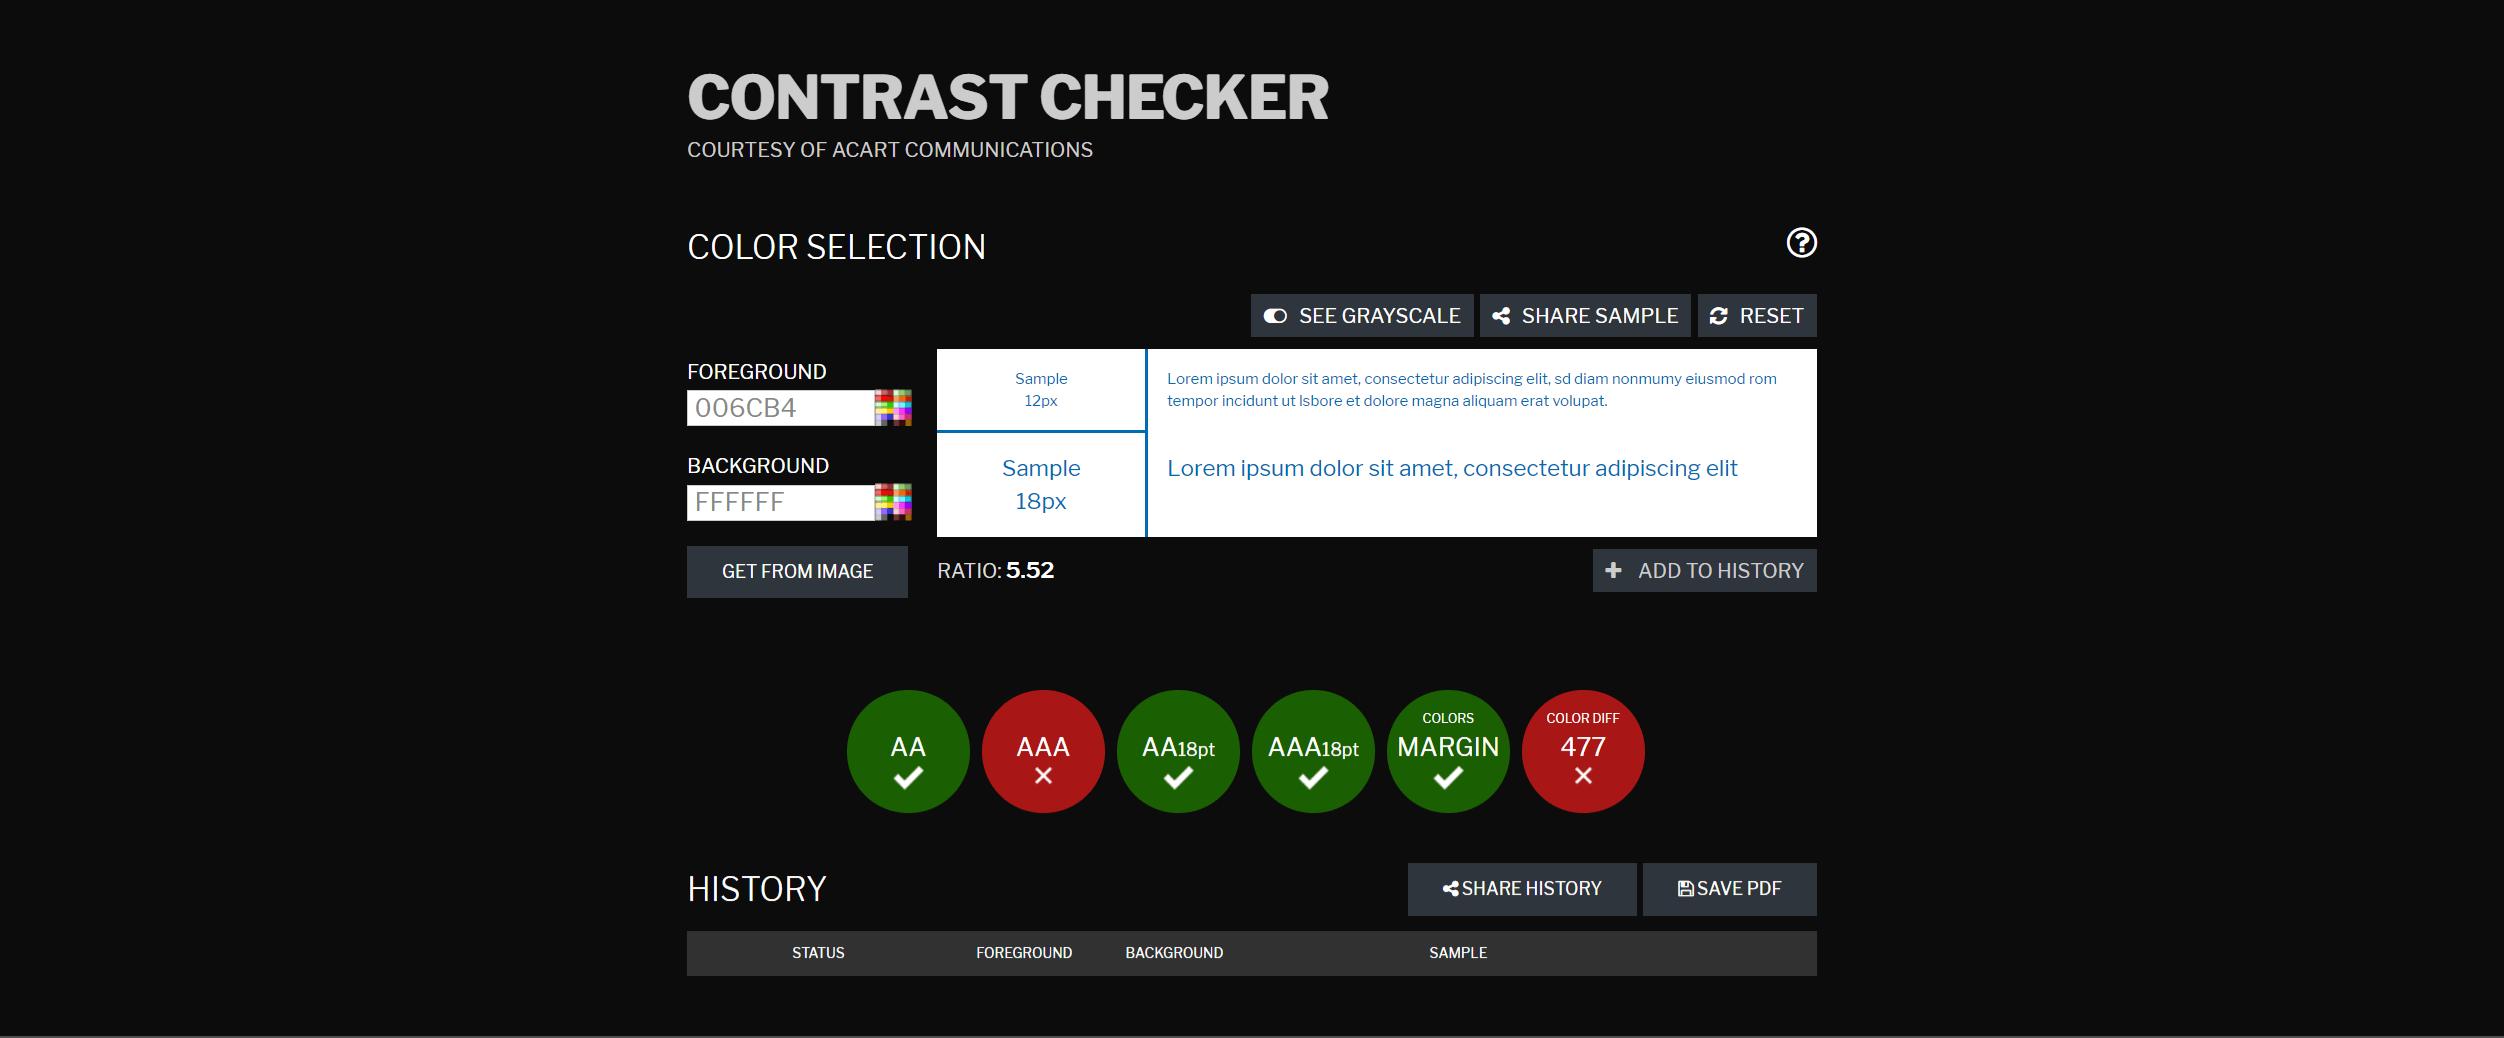 Contrast Checker Website